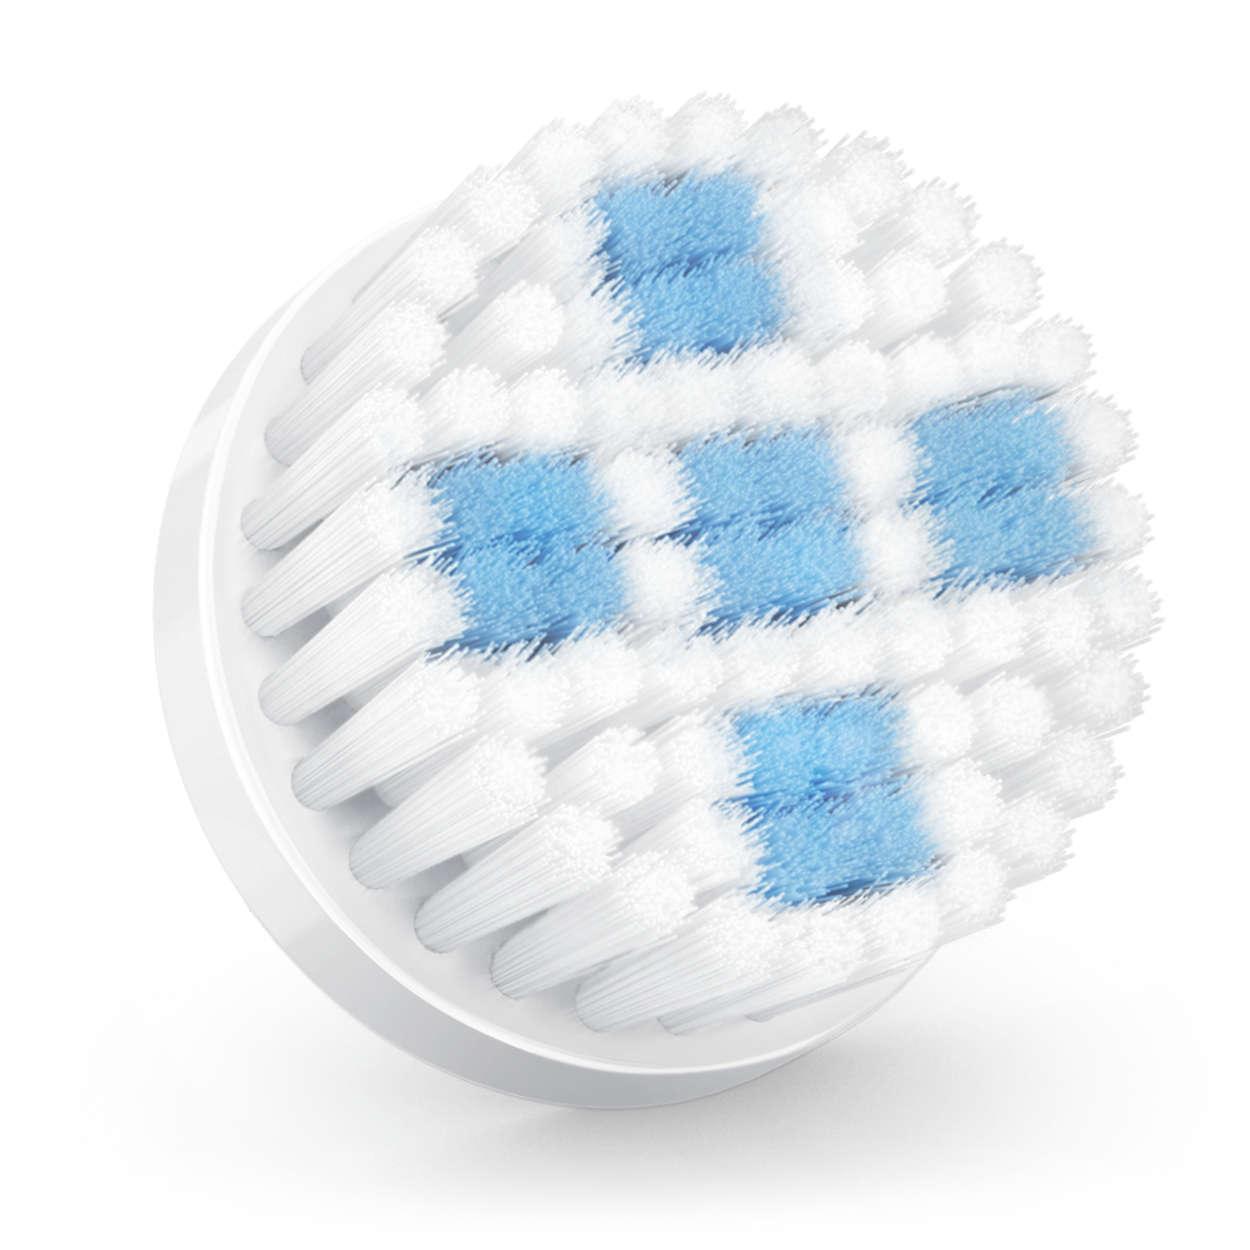 Bürstenkopf mit porentiefem Reinigungseffekt